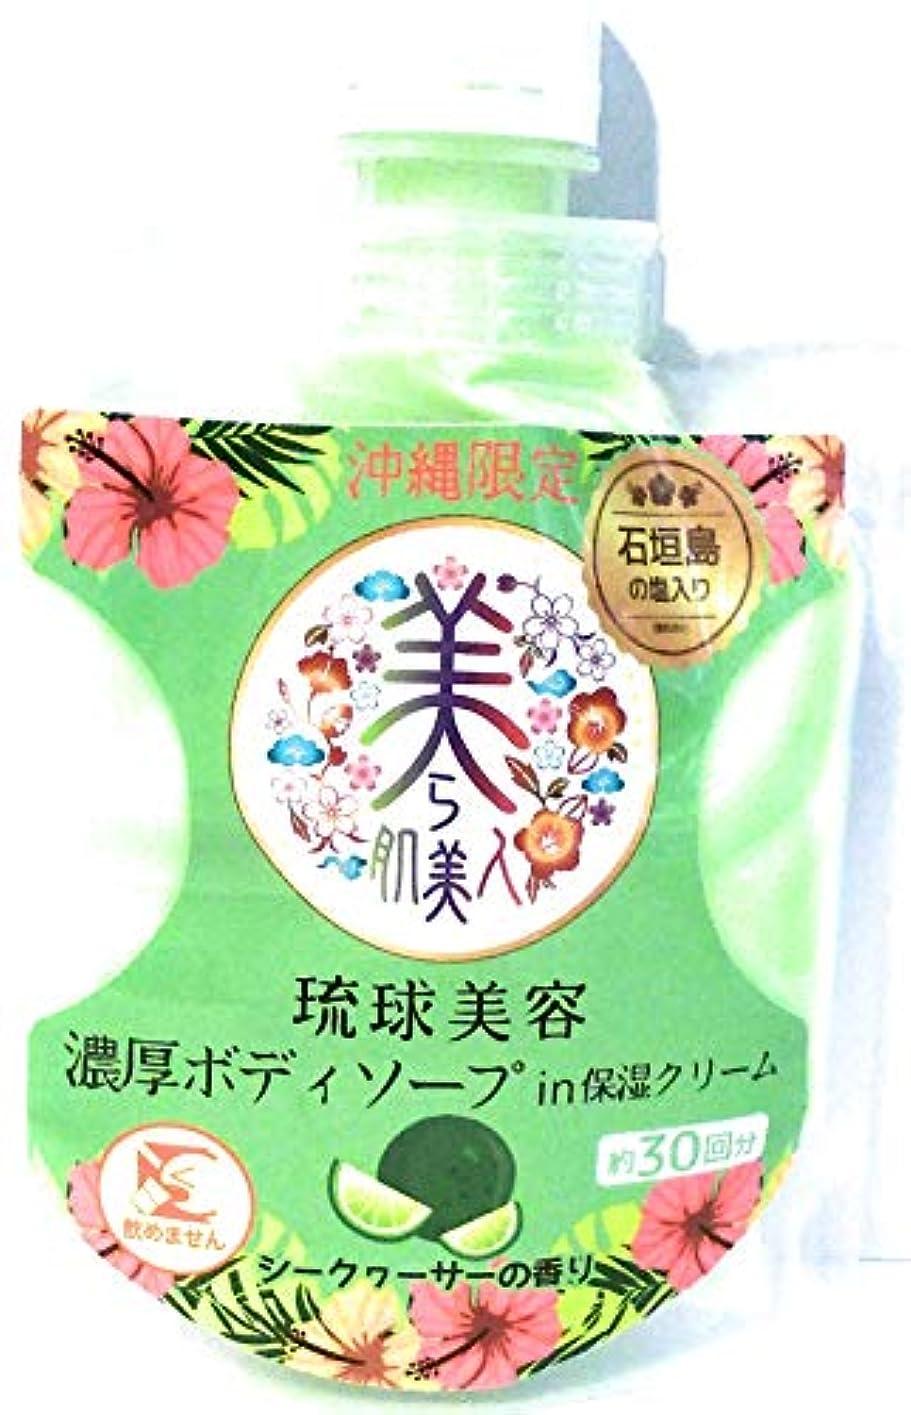 代数的回路初心者沖縄限定 美ら肌美人 琉球美容濃厚ボディソープin保湿クリーム シークヮーサーの香り